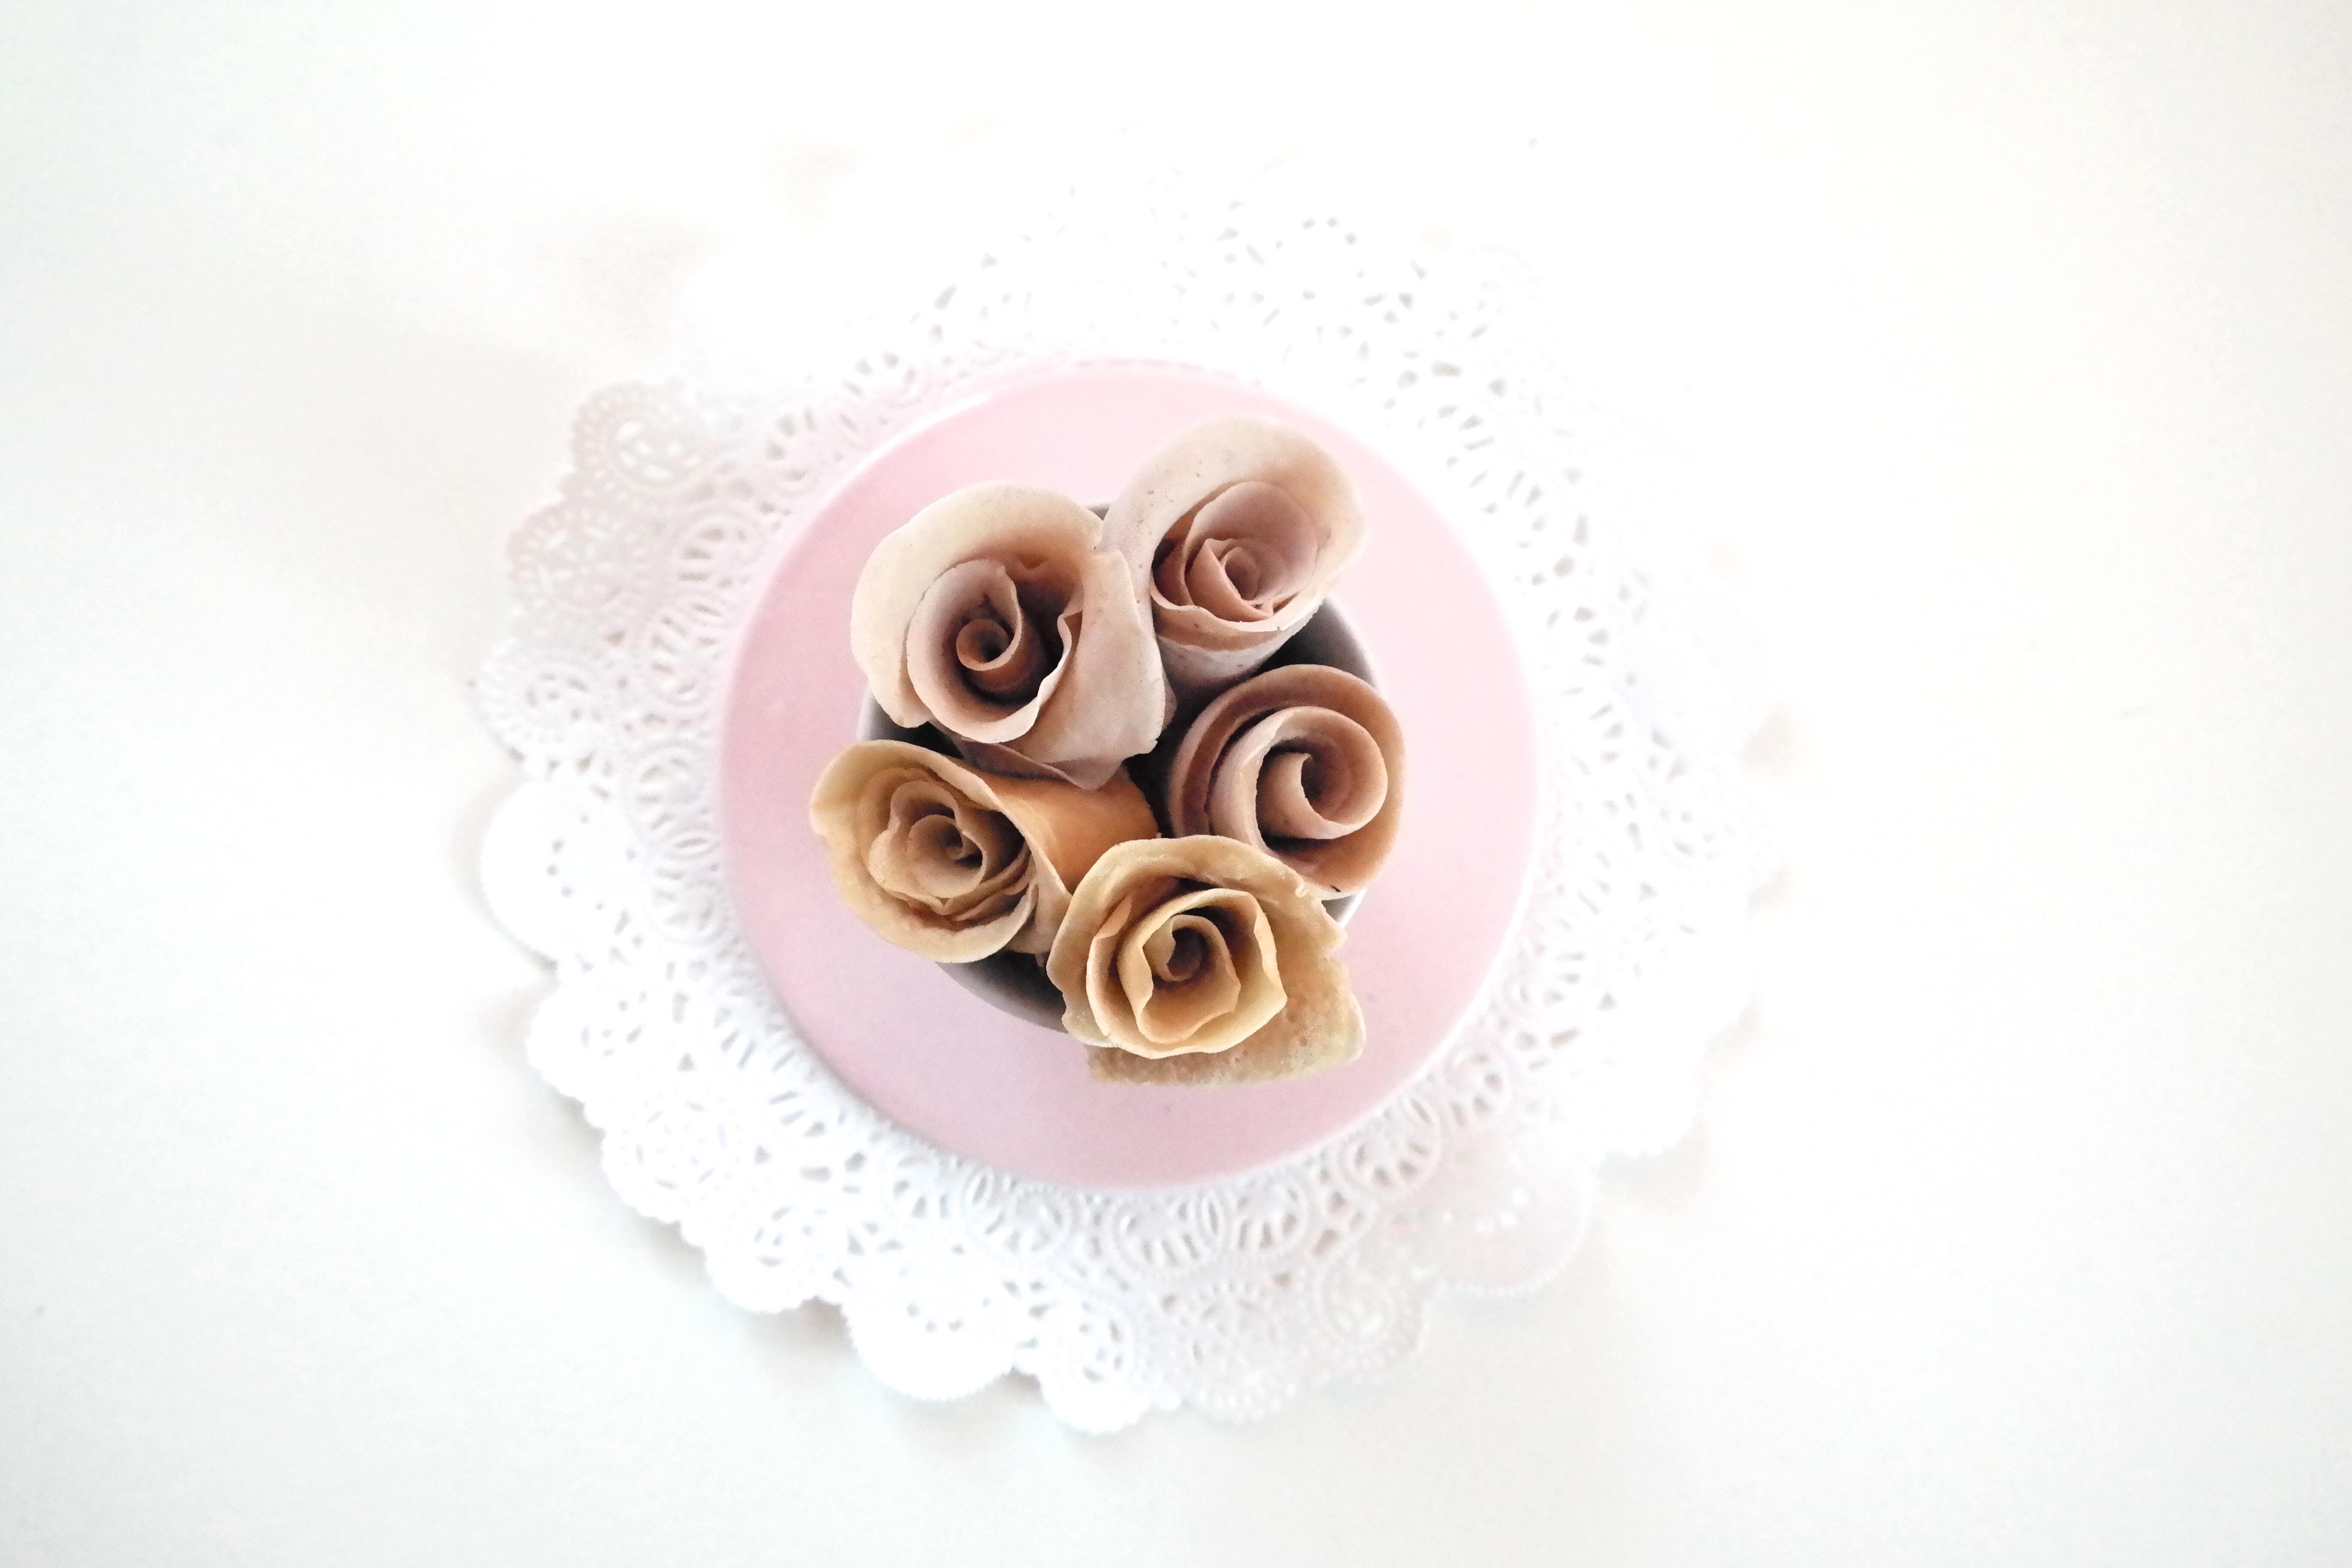 Rosebukett av pannekaker